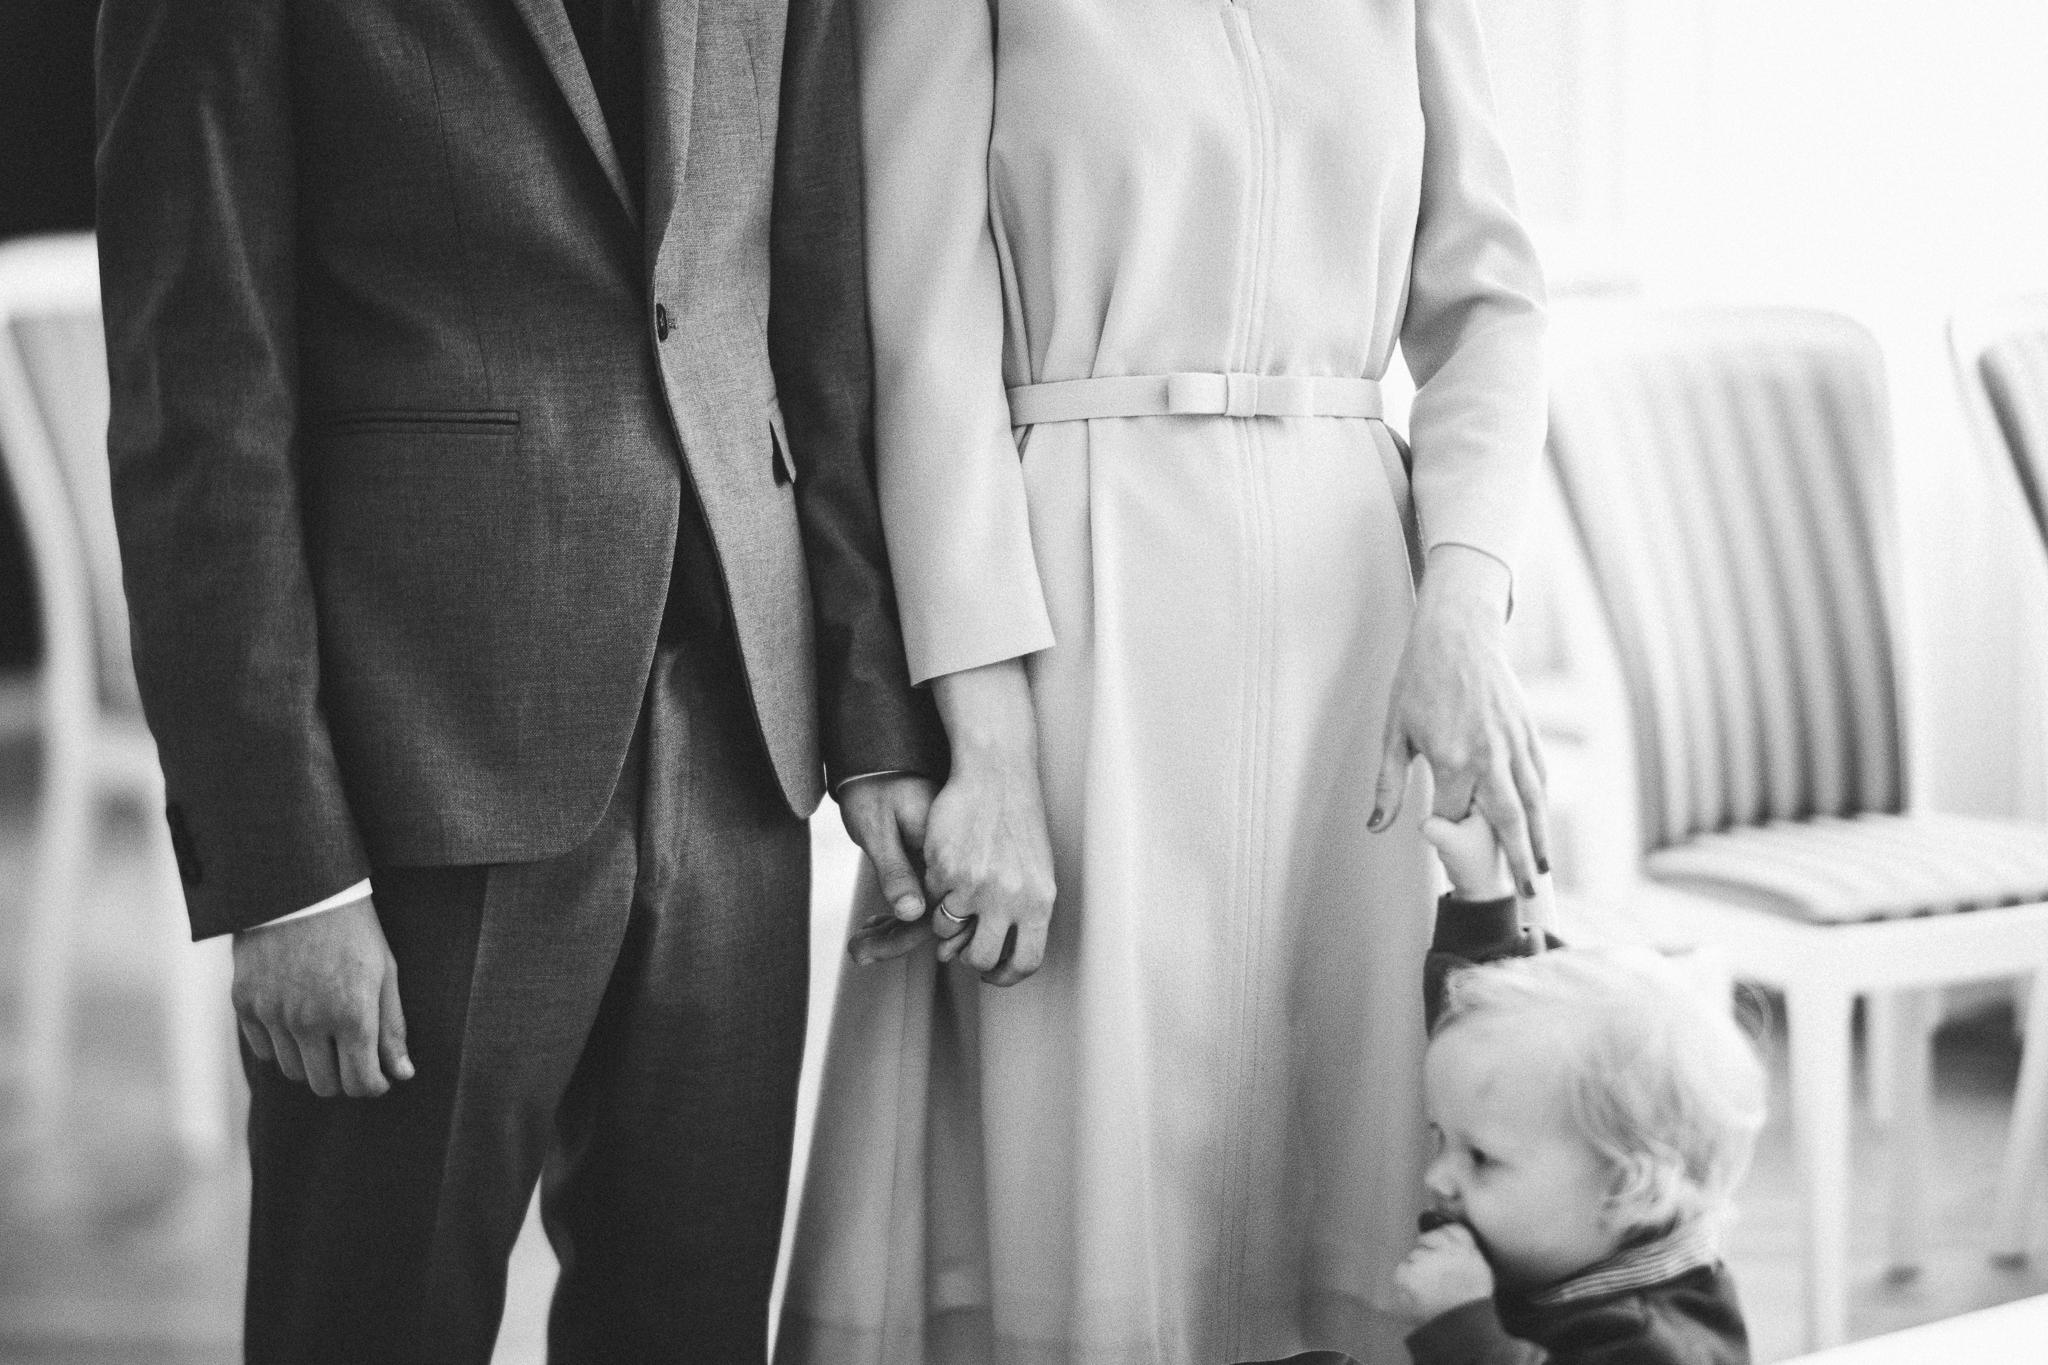 Mustvalge pilt laulatusest, pruut peigmees ja väike laps.